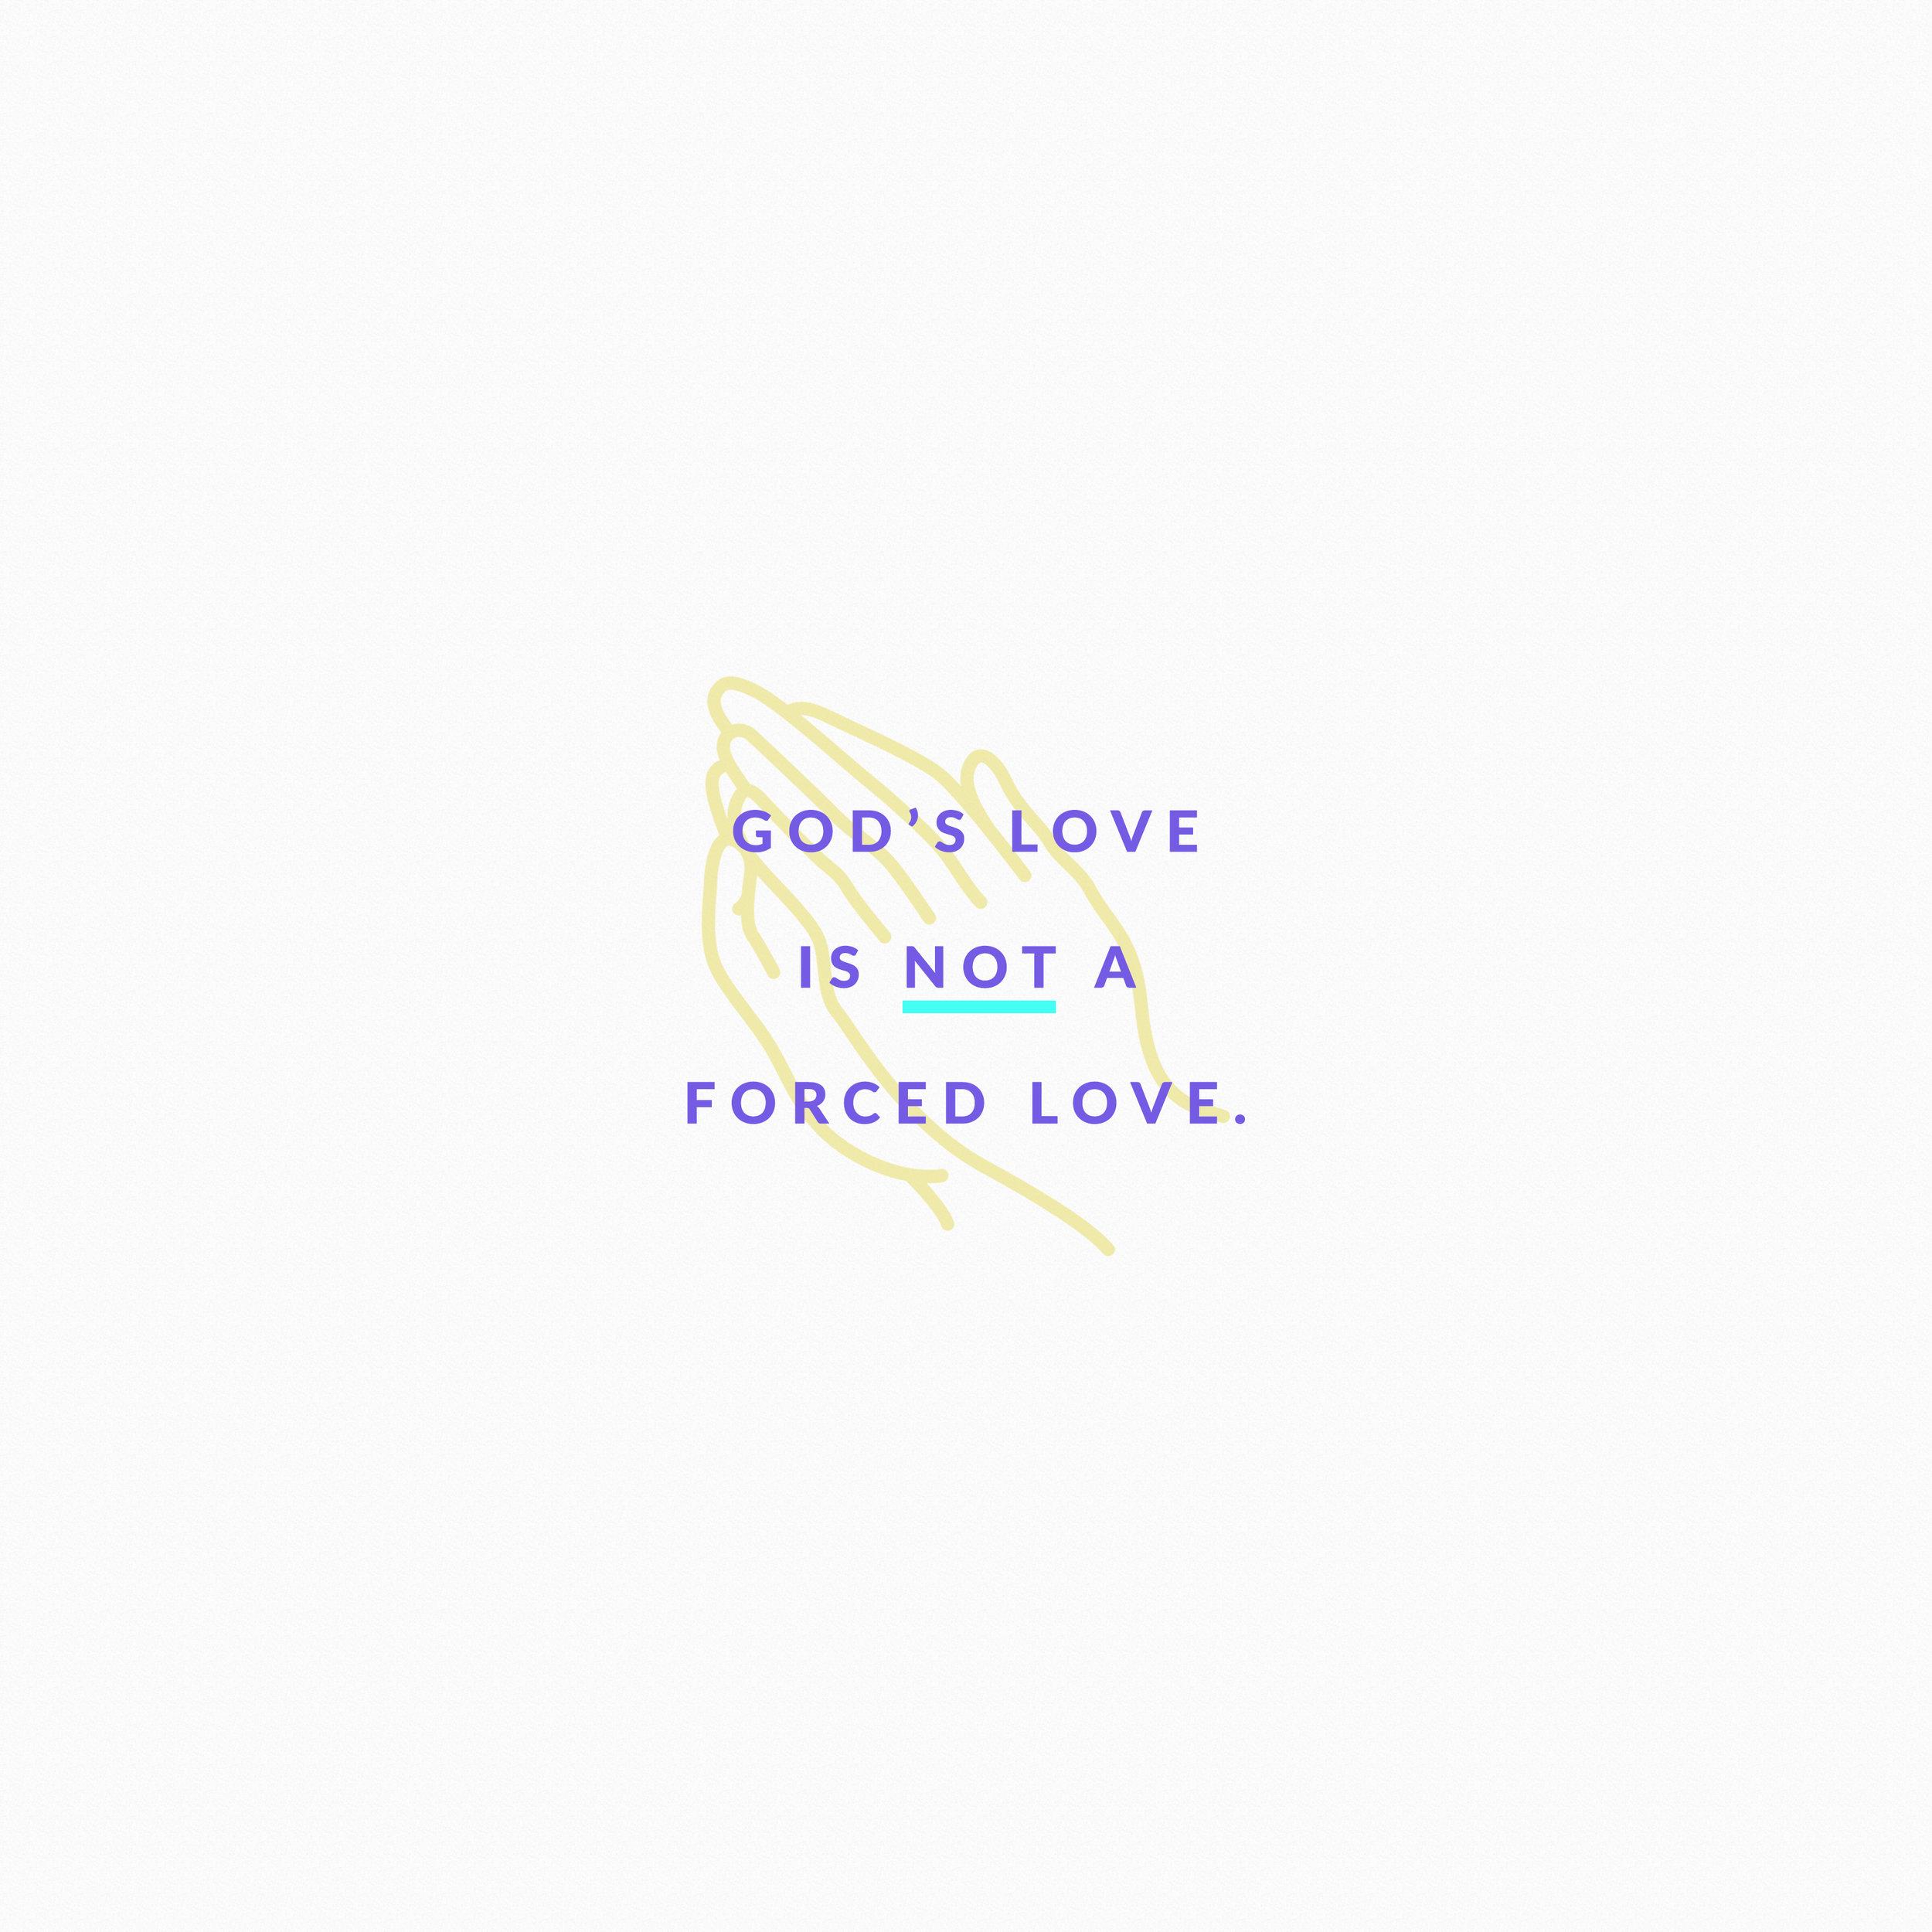 forcedlove.jpg